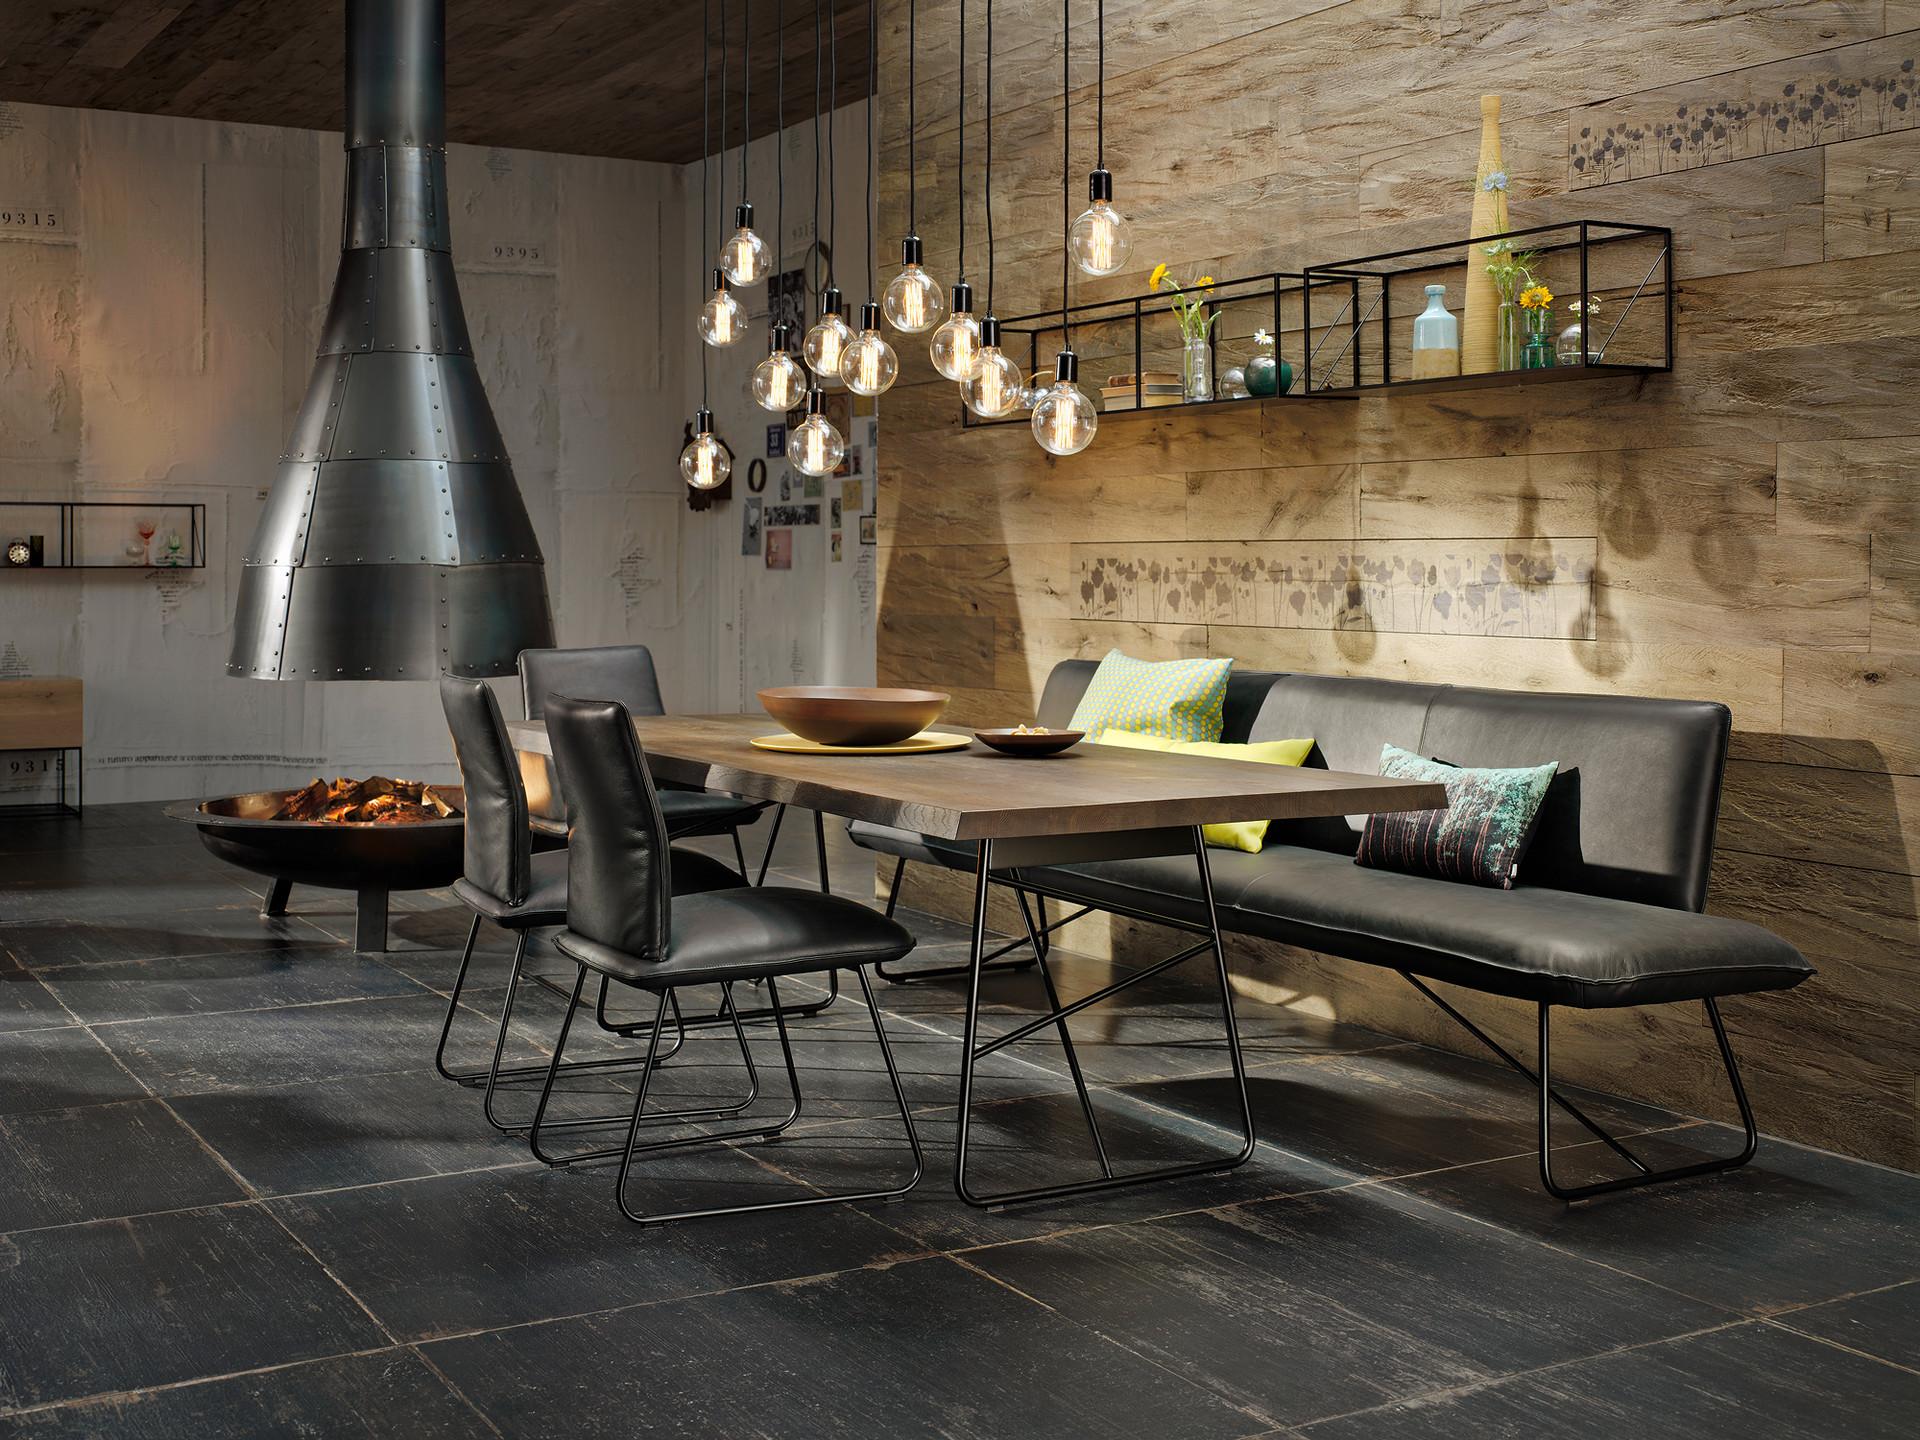 Stilsicher, Langlebig Und Praktisch: Das Esszimmer Von Nöbauer